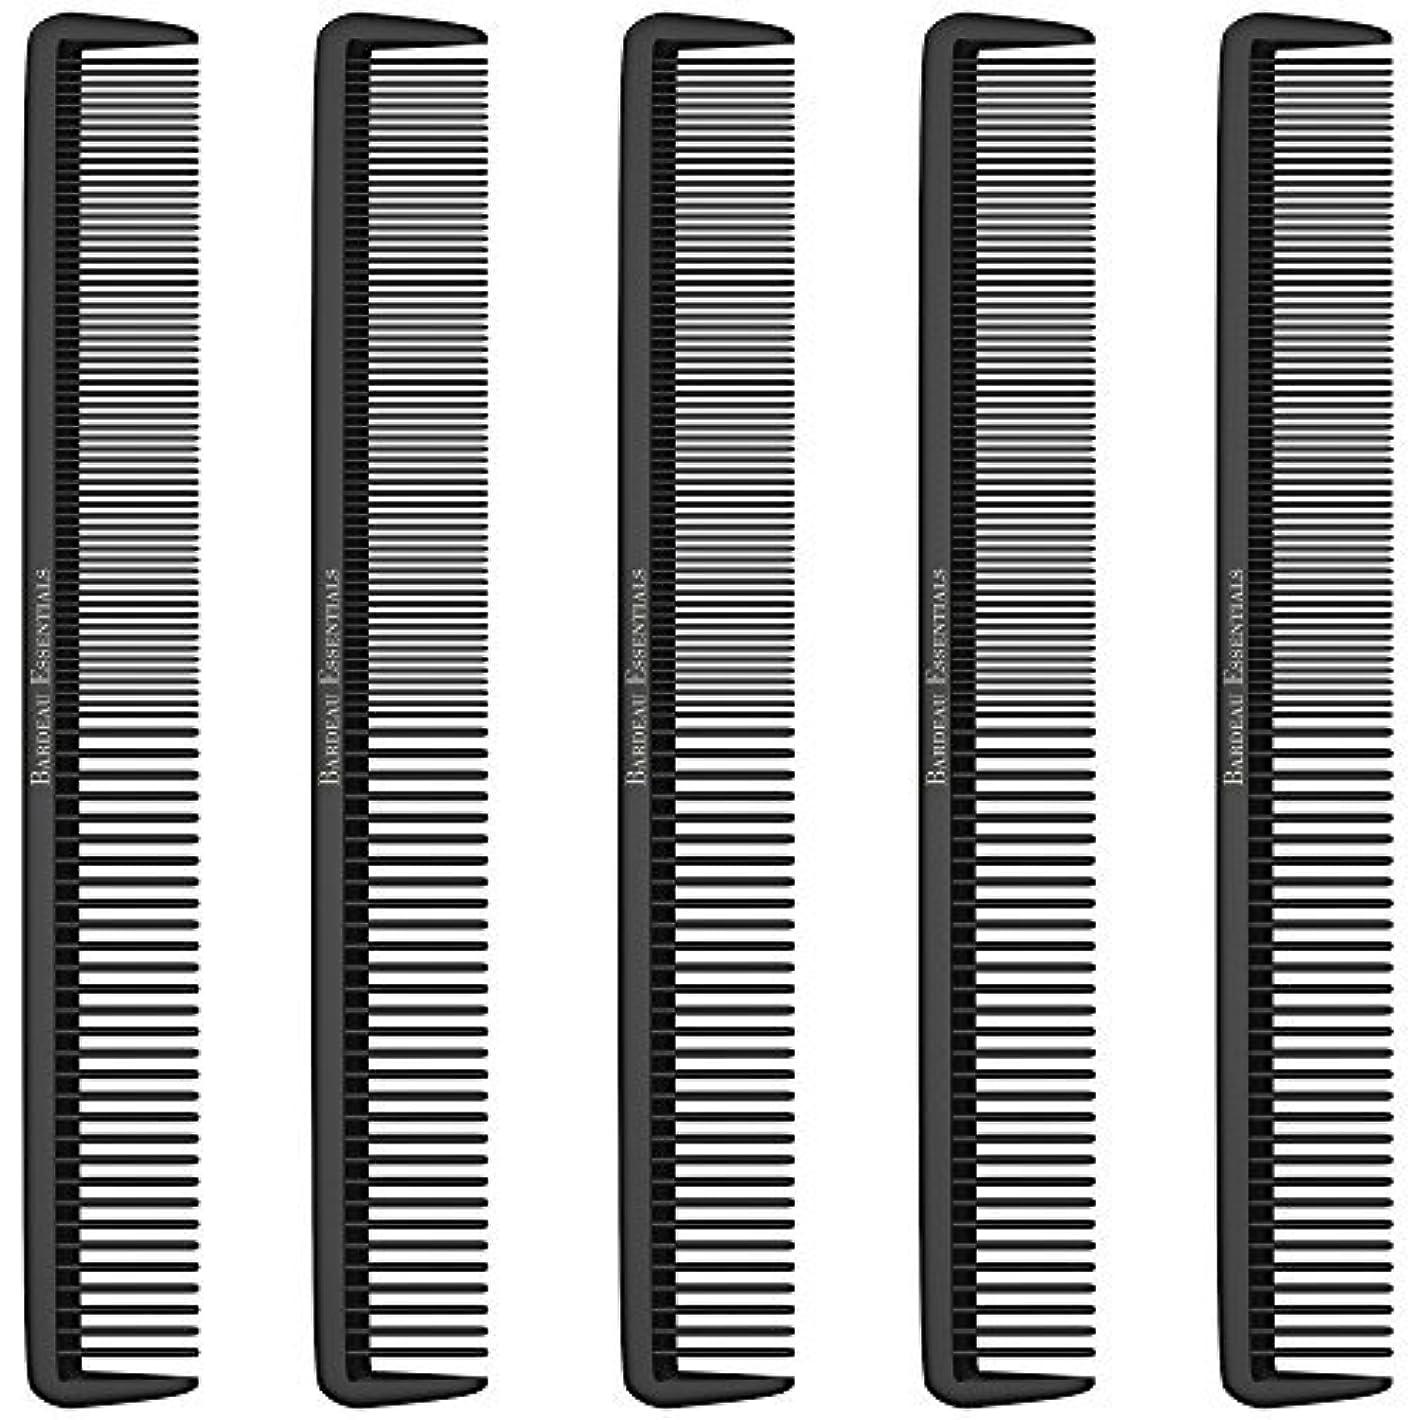 ゆでるとげトレースStyling Comb (5 Pack) - Professional 8.75  Black Carbon Fiber Anti Static Chemical And Heat Resistant Hair Combs...